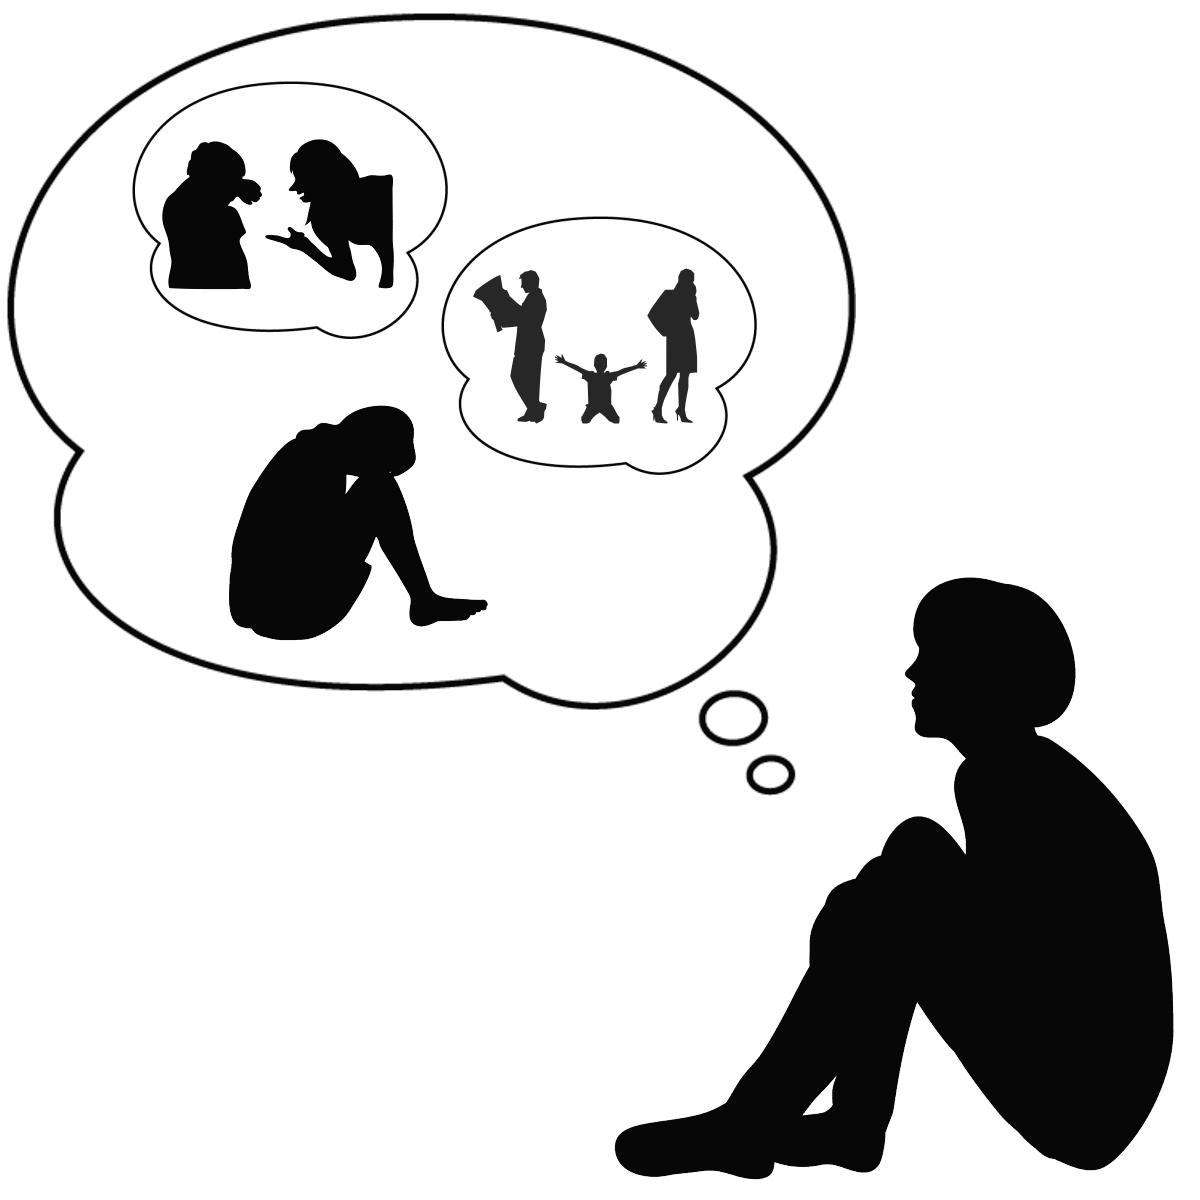 アダルトチルドレンと機能不全家族の関係を表しているイラスト